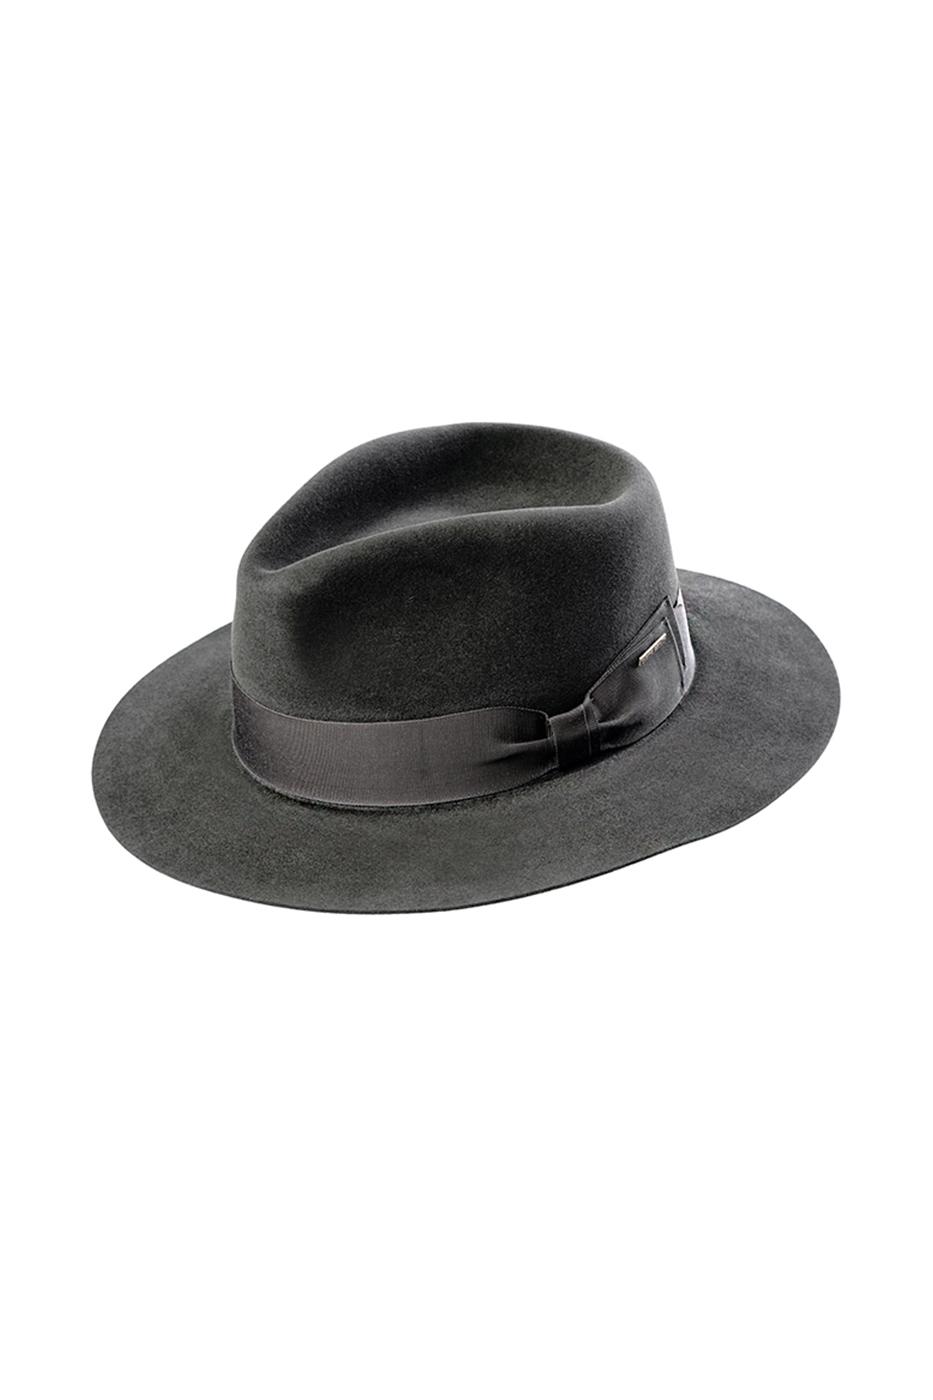 Шляпа мужская Pierre Cardin SEAN PC-1011-104 антрацит